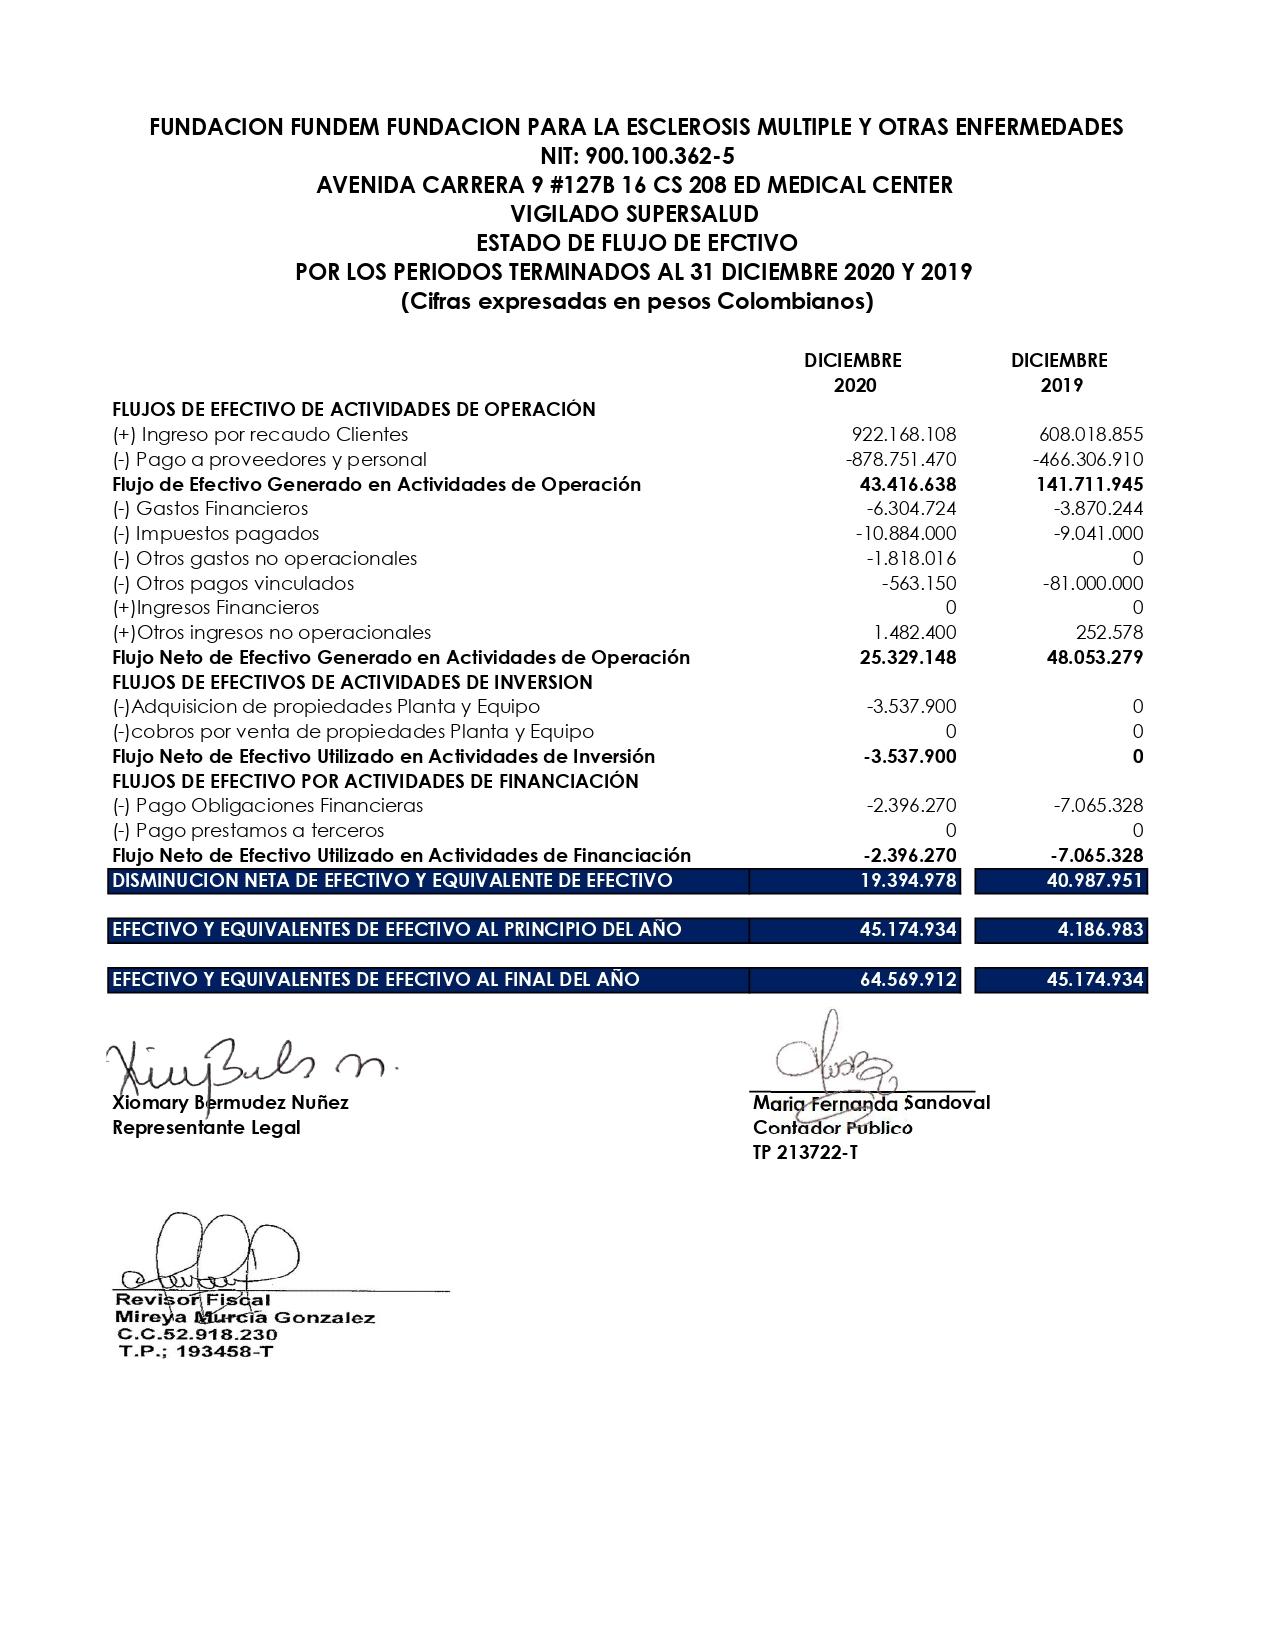 Estados Financieros Fundacion Fundem 2020_page-0005